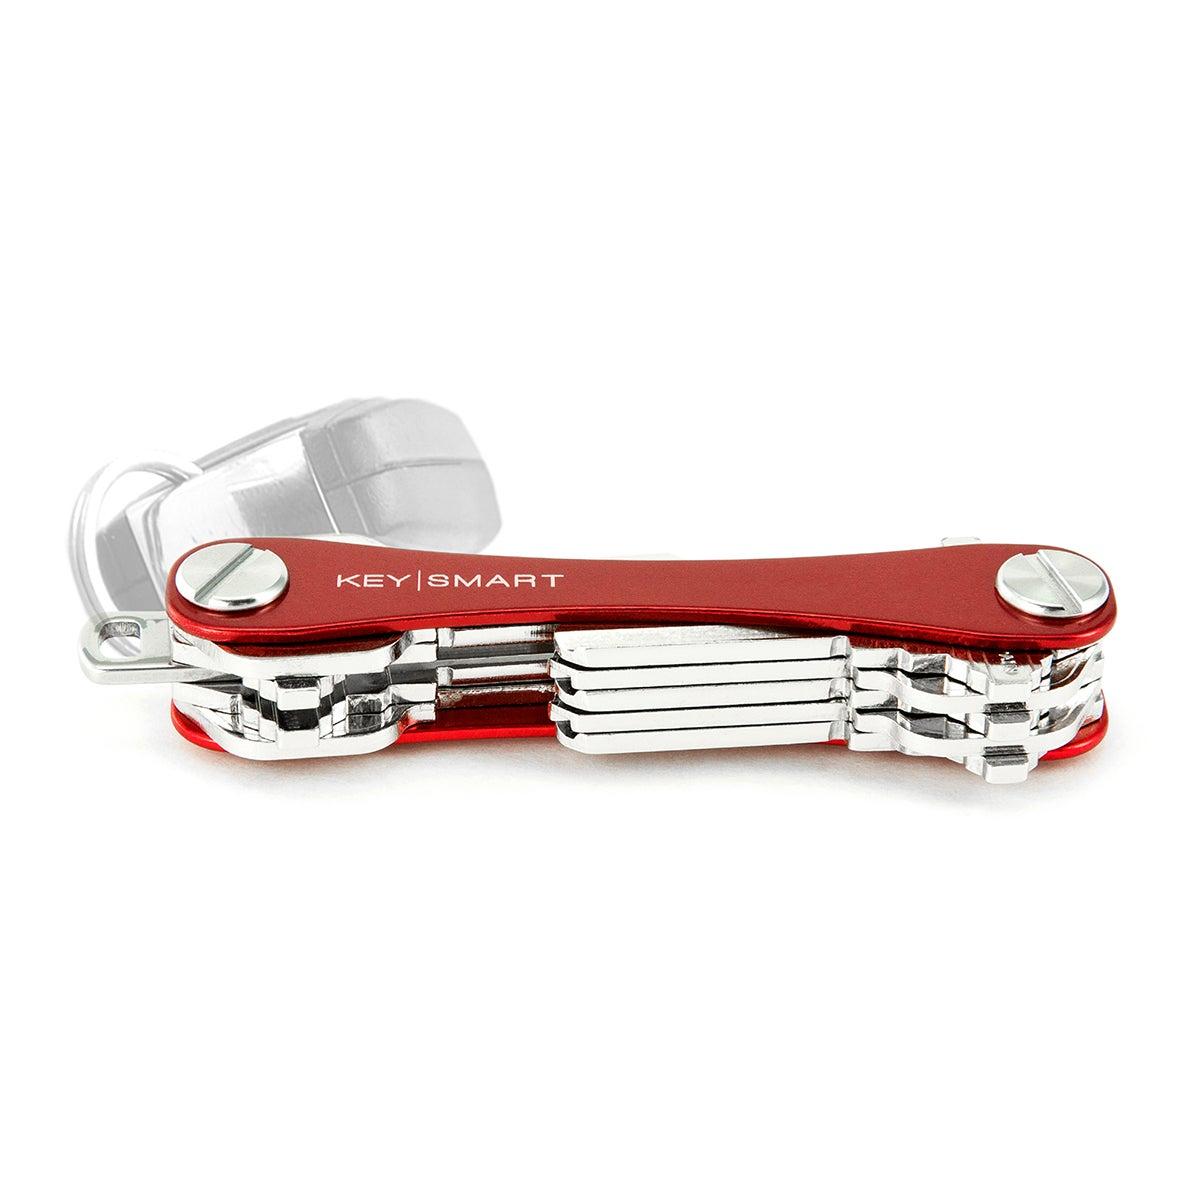 KeySmart Key Holder, Alum(Up to 8 Keys) Red